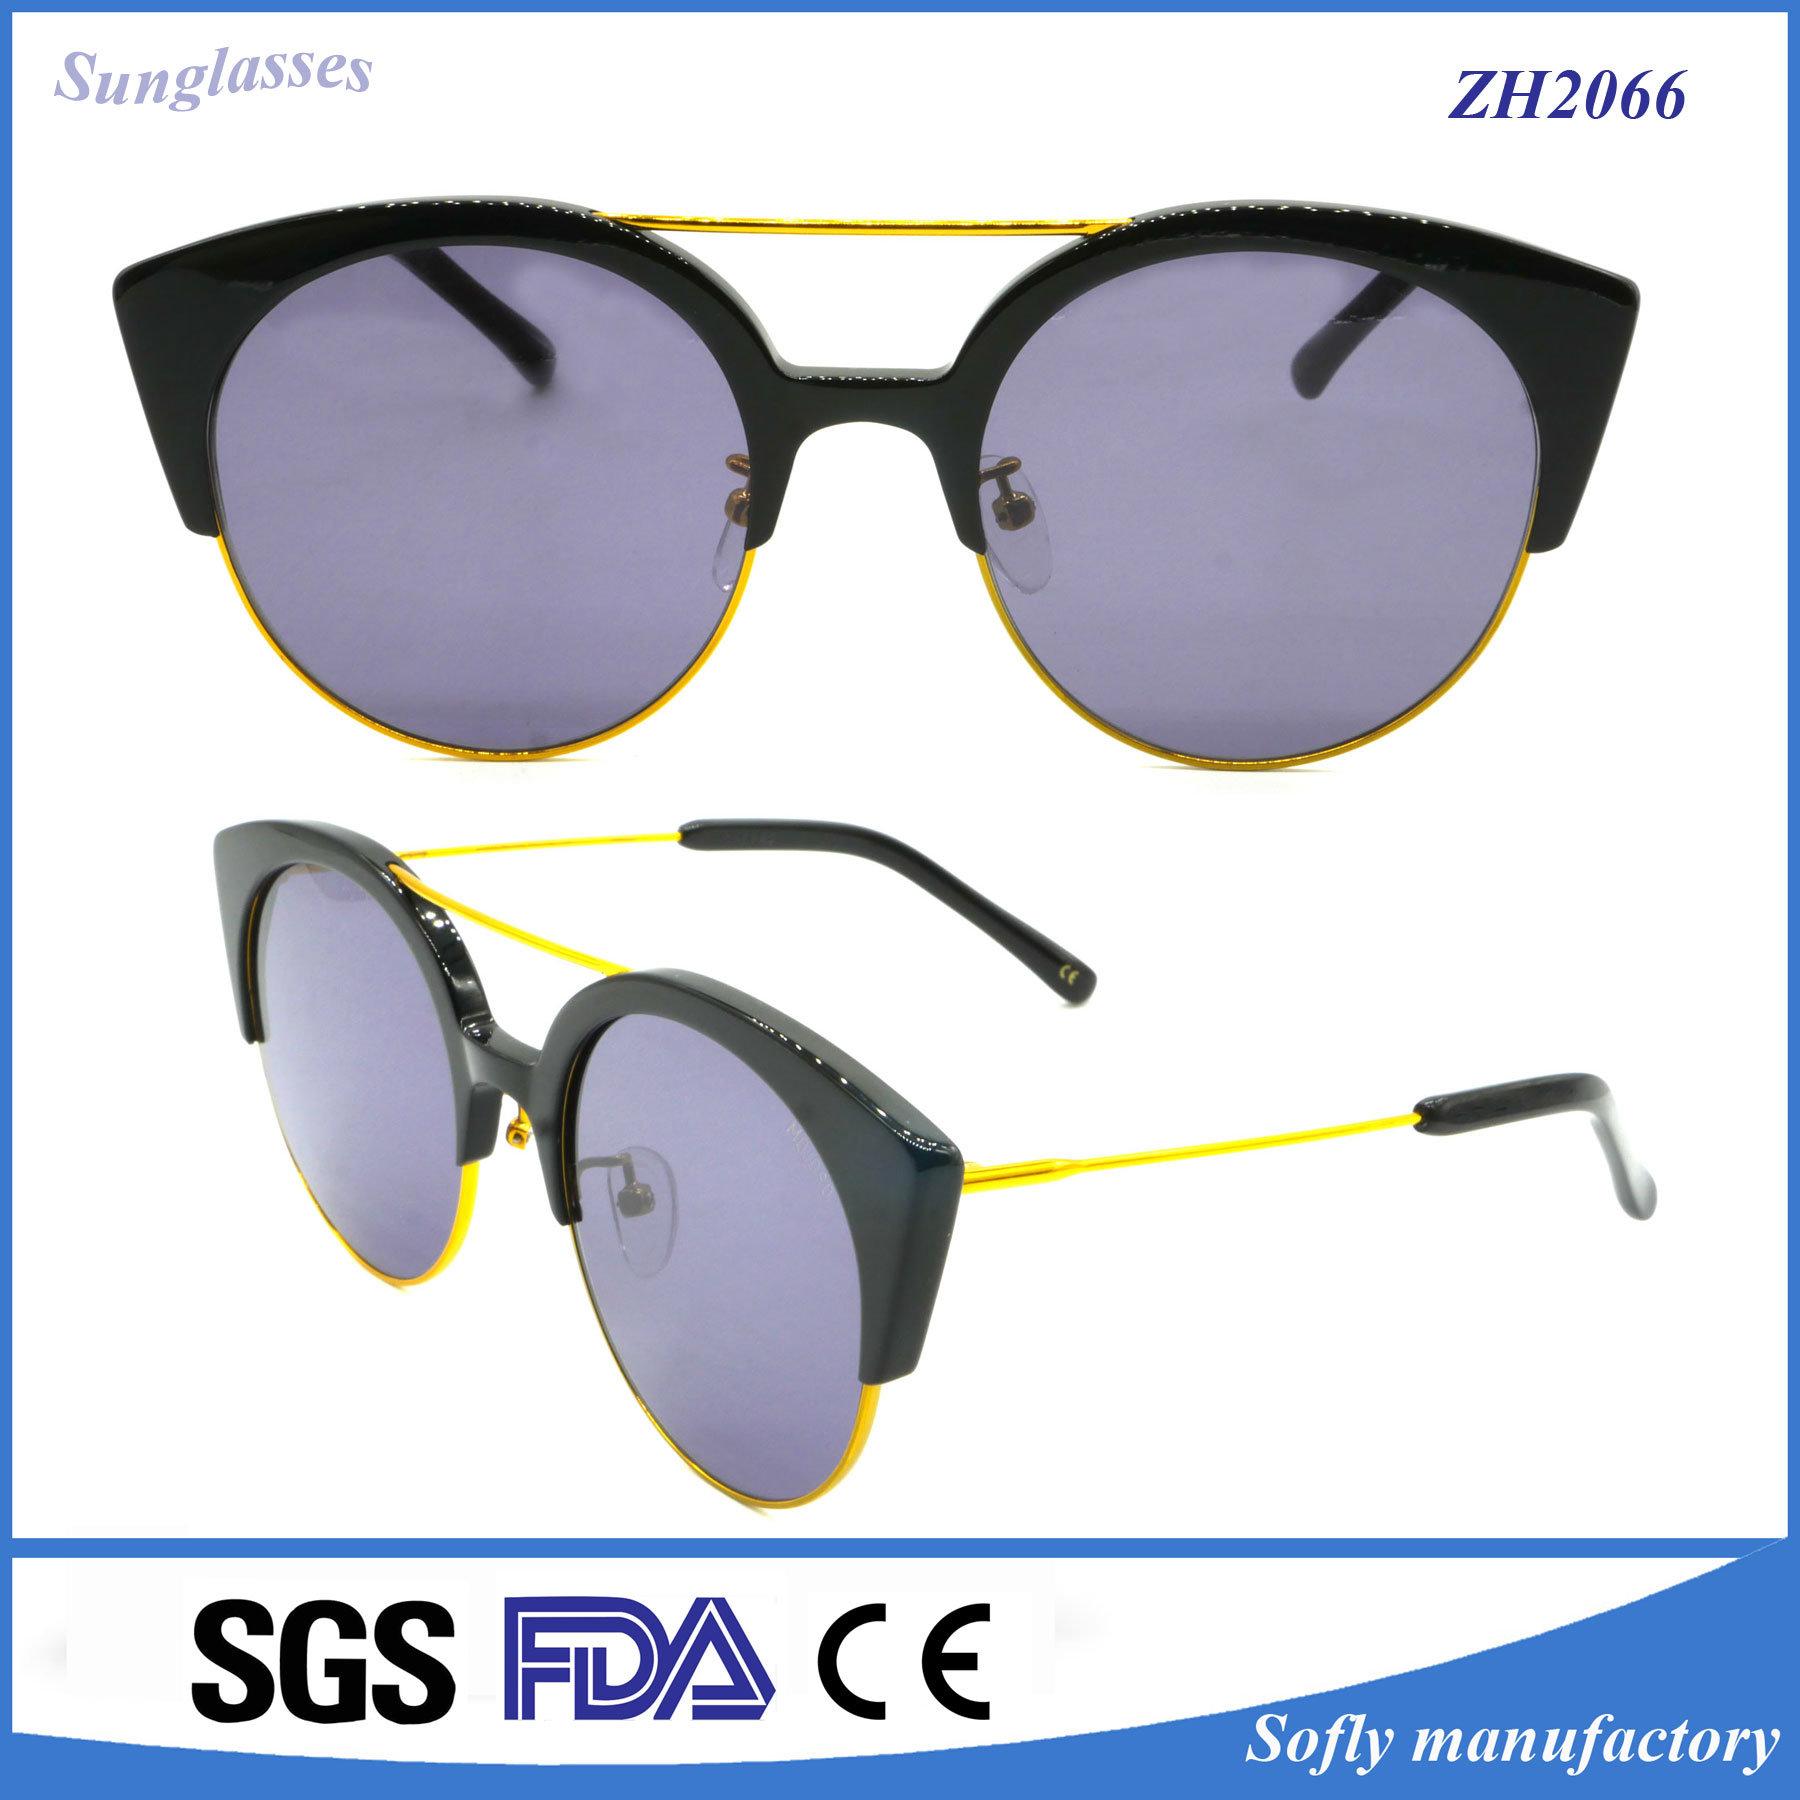 80d48ea236 Wholesale First Copy Retro Cheap Prescription Sunglasses China - China  Retro Sunglasses